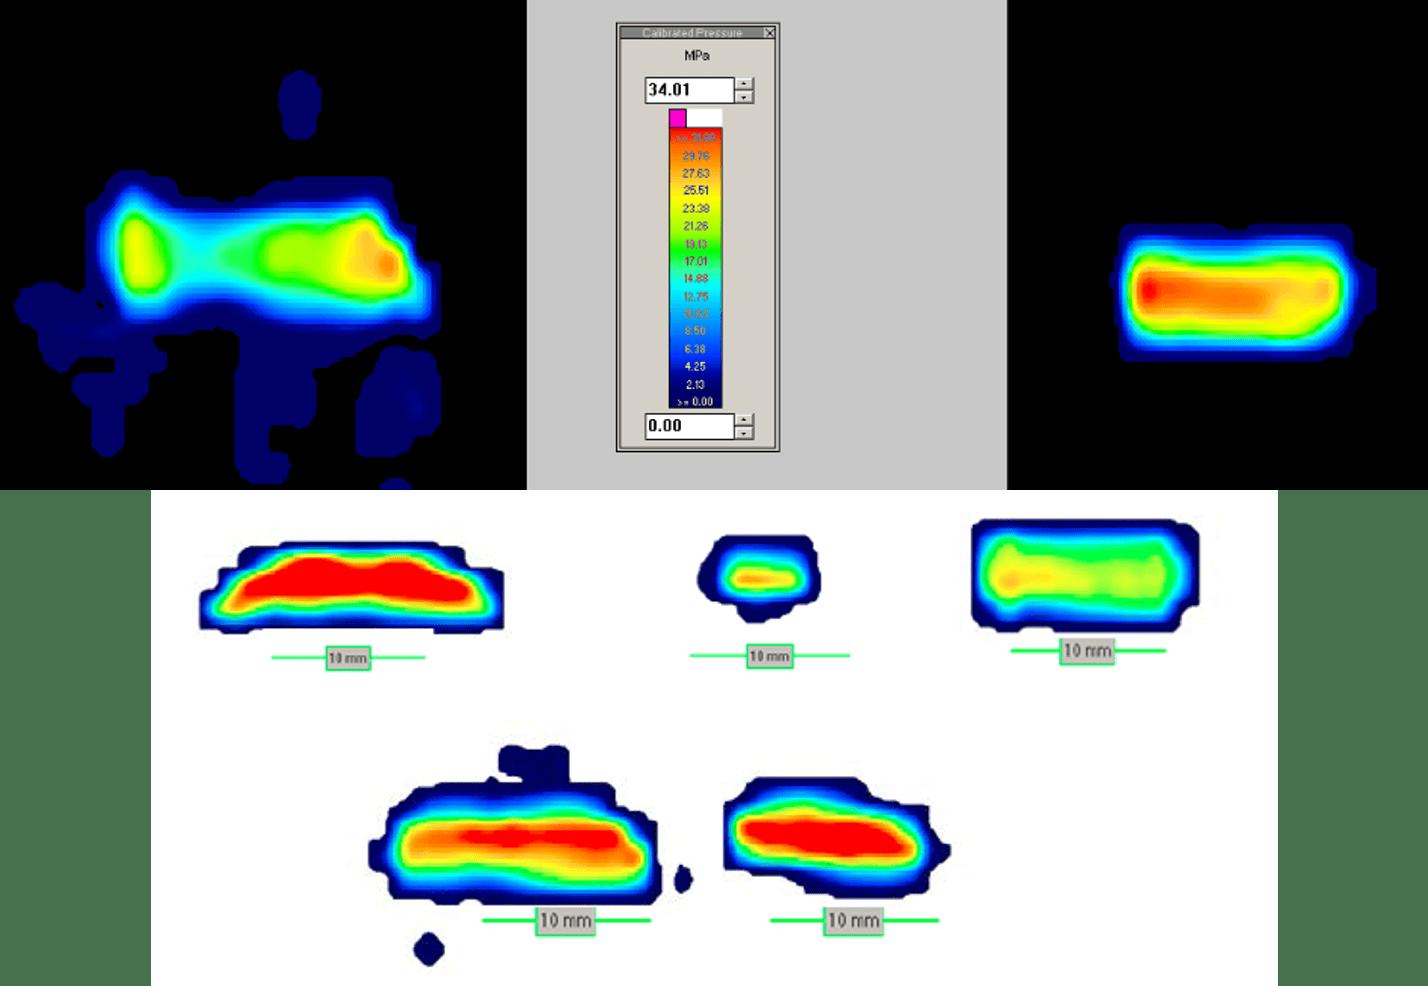 Knee Implant Tekscan results